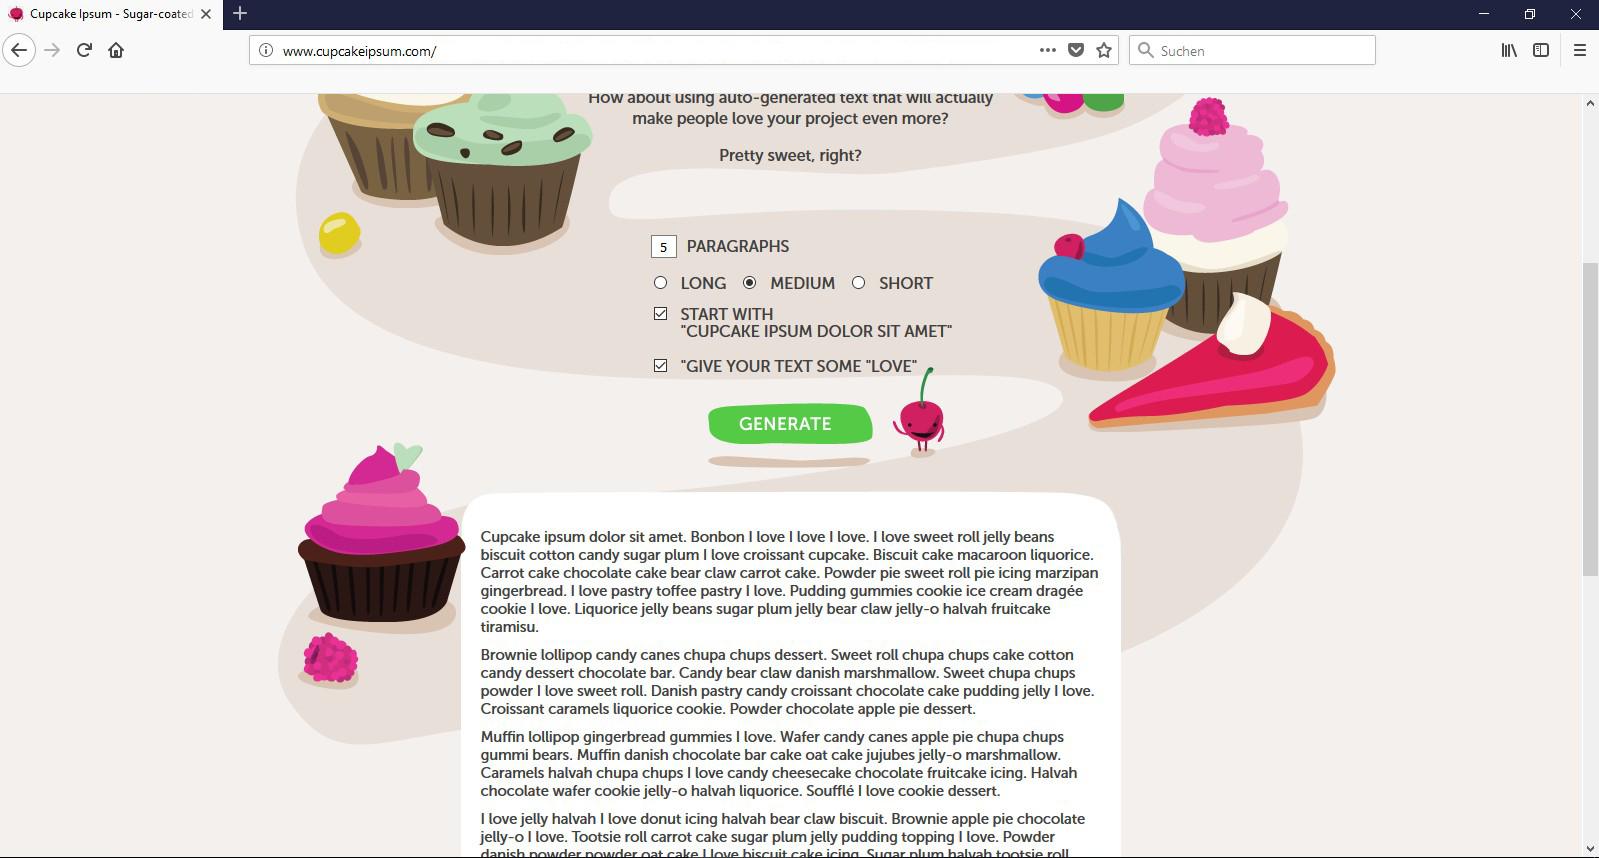 Eine schöne und leckere Alternative bietet das Cupcake Ipsum.